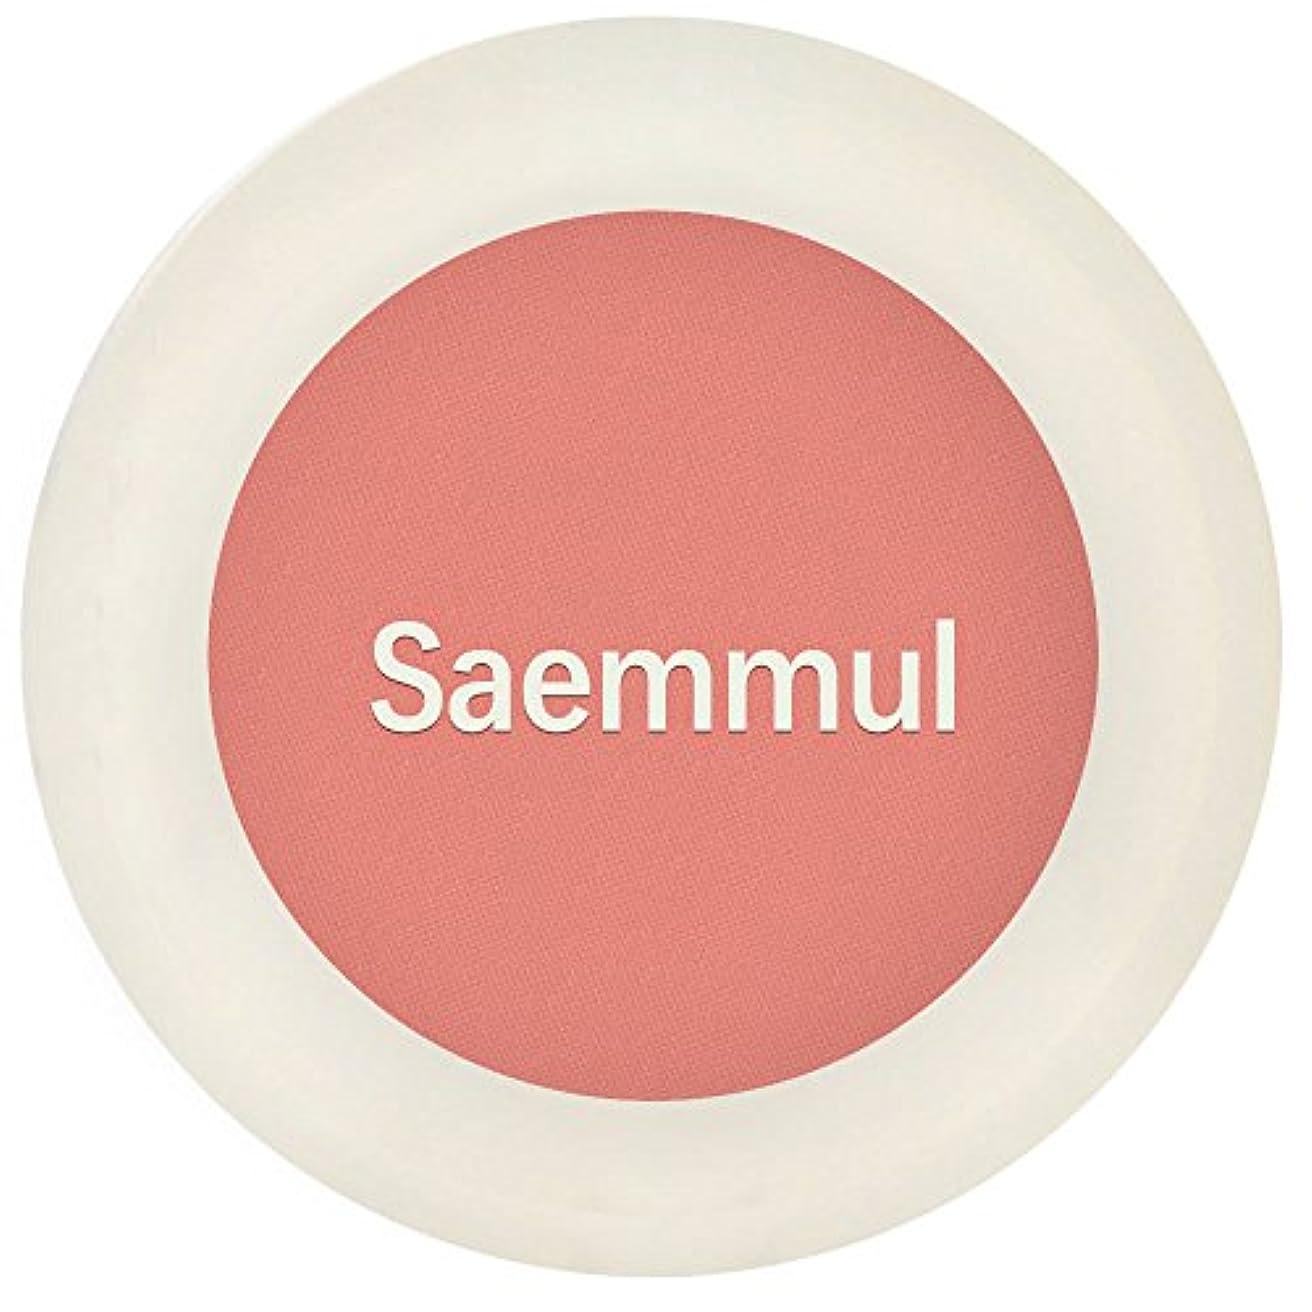 標高忘れる銀【the SAEM(ザ セム)】センムル シングル シャドウ (マット) I (7カラー選択1) (PK02)